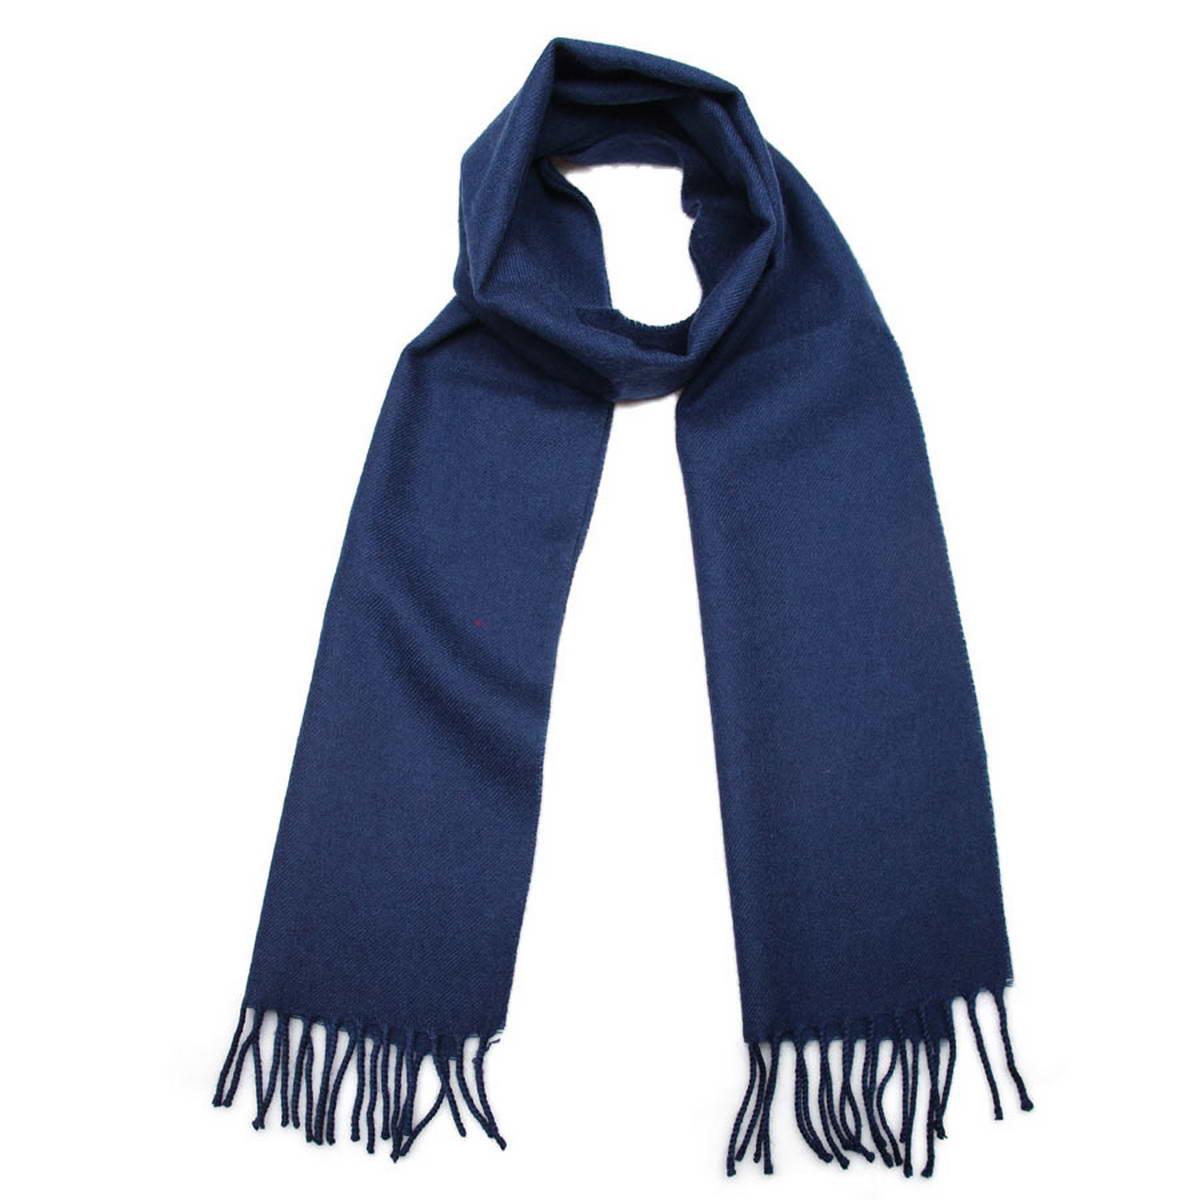 Шарф мужской. 50034325003432-02Классический однотонный мужской шарф Venera, выполненный из натуральной шерсти, очень мягкий и приятный на ощупь, согреет вас от осенних и зимних холодов. Модель декорирована кисточками по краю, скрученными в жгутики. Данный аксессуар прекрасно дополнит повседневный образ мужчины. Этот модный шарф не только согреет вас в холодное время года, но гармонично дополнит ваш образ.